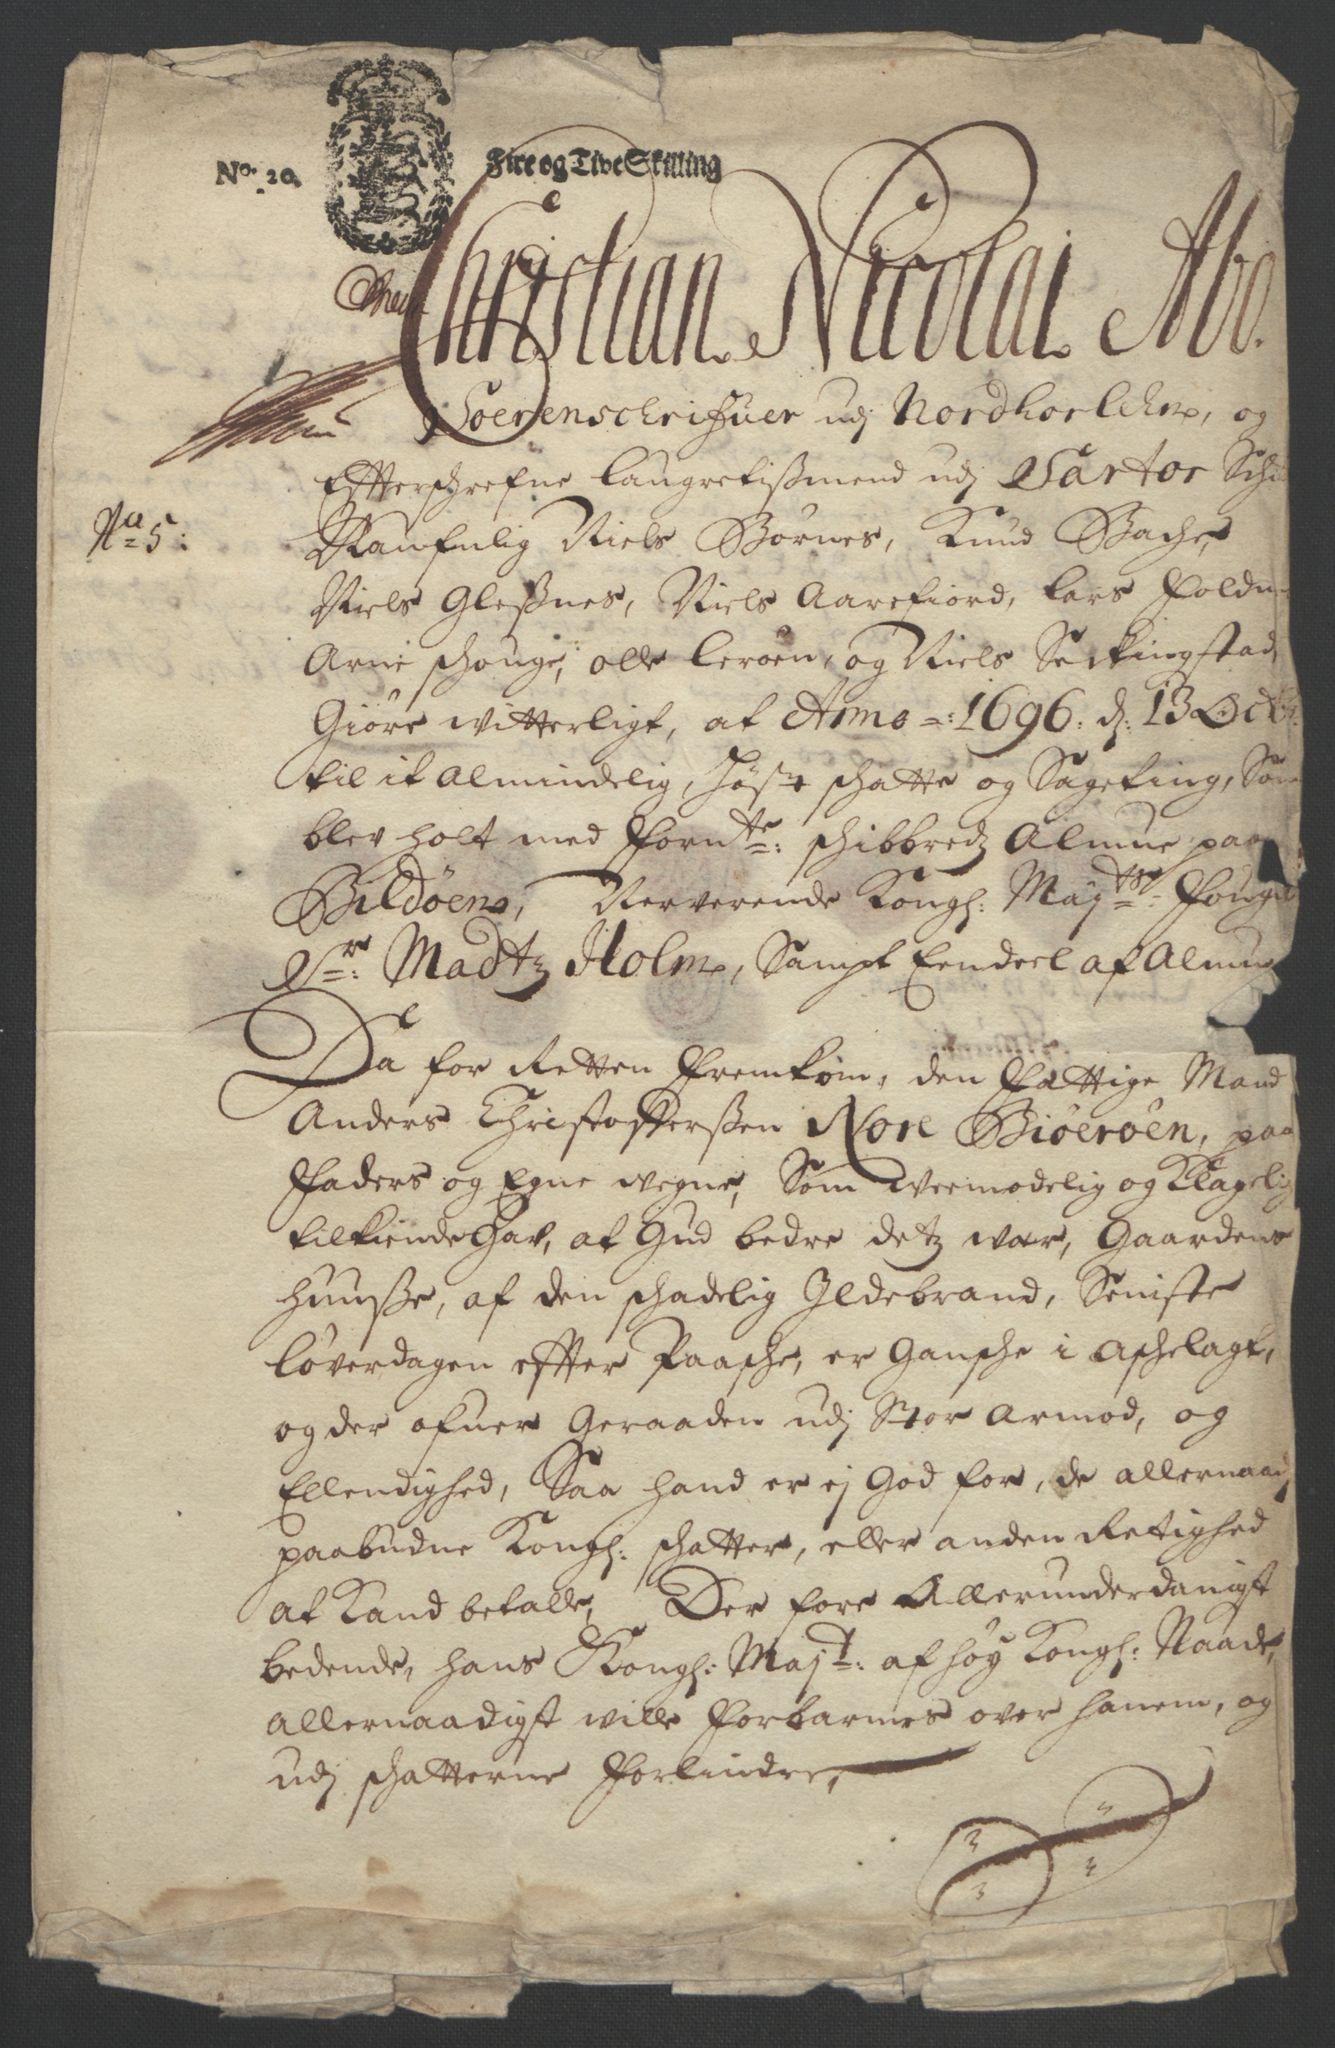 RA, Rentekammeret inntil 1814, Reviderte regnskaper, Fogderegnskap, R51/L3183: Fogderegnskap Nordhordland og Voss, 1695-1697, s. 270